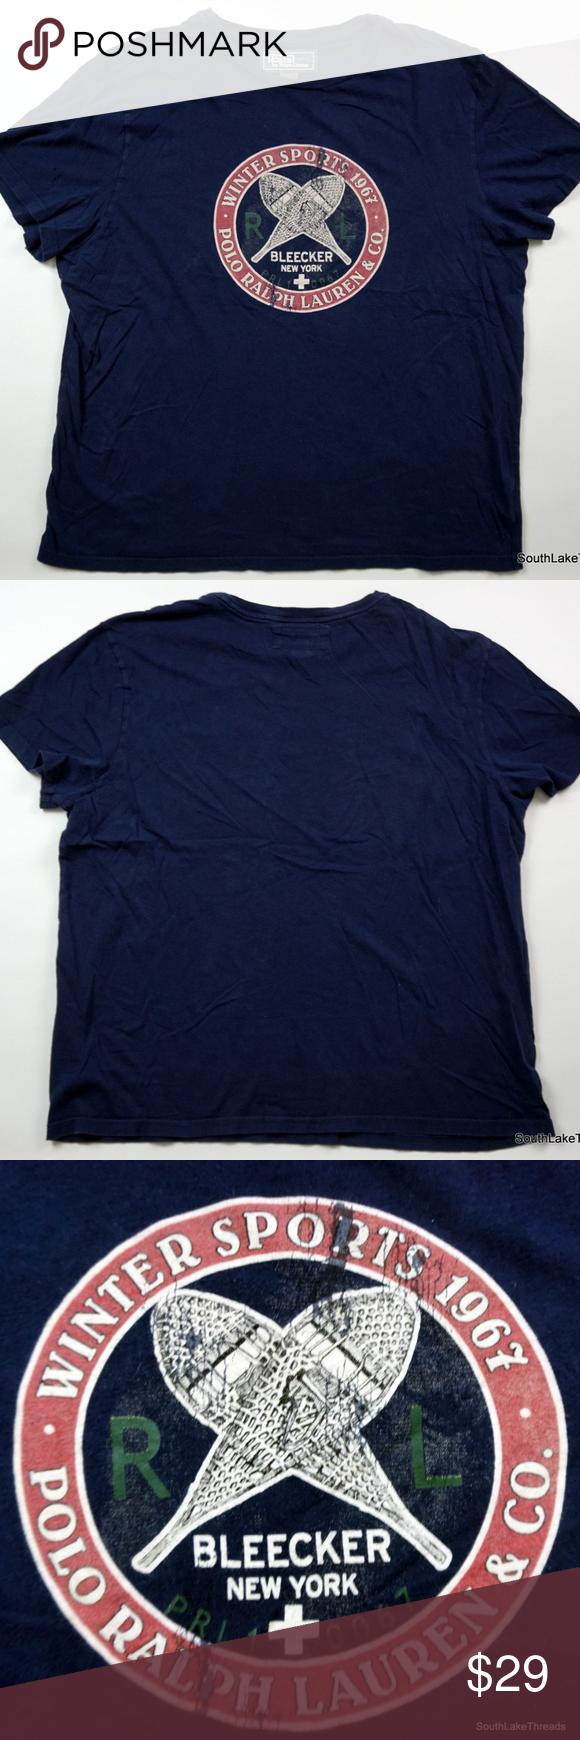 60d50cbb VTG Polo Ralph Lauren Winter Sports T-Shirt XL VTG Polo Ralph Lauren Men's  Winter